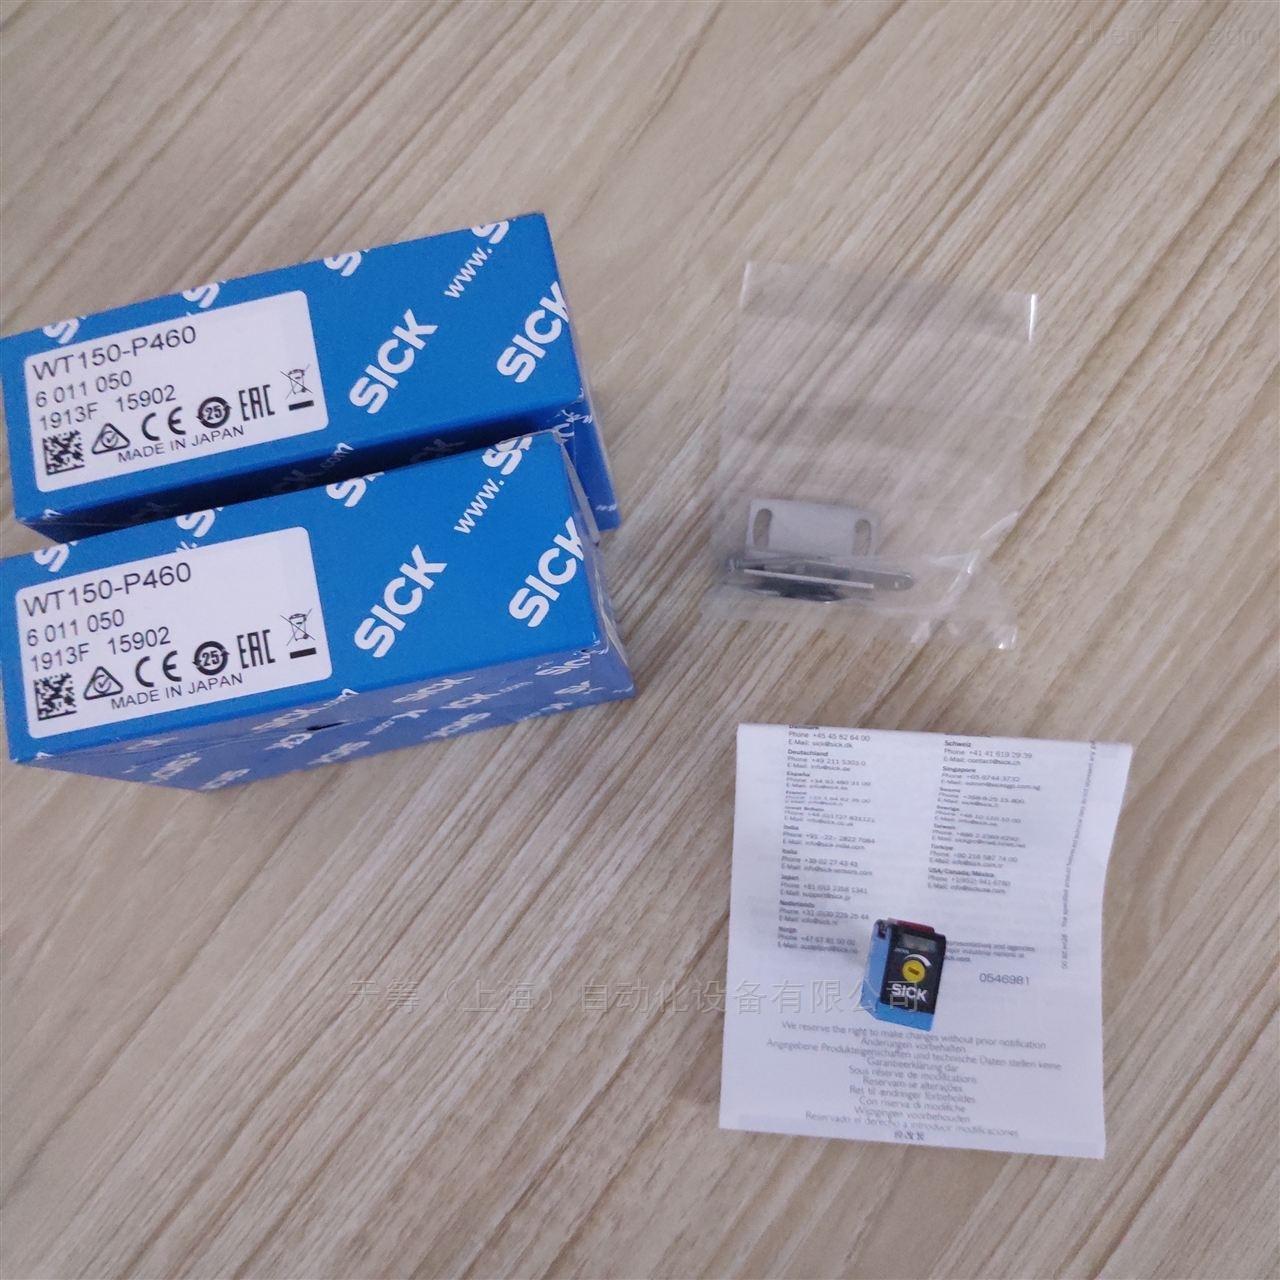 德国进口SICK西克传感器WT150-P460施克正品